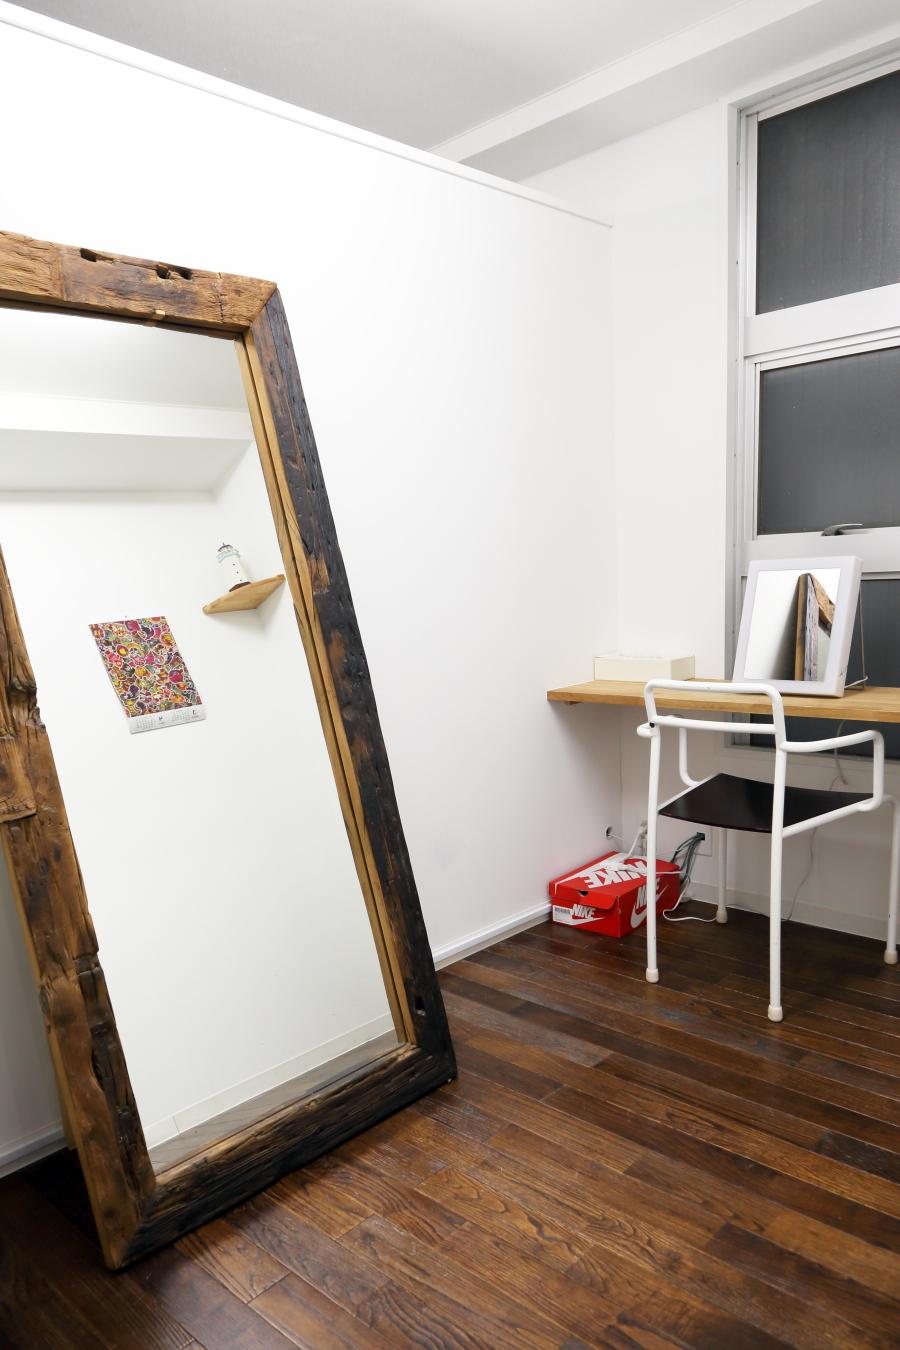 完全個室のヘアメイクルームをご利用いただけます。 - 撮影スタジオ、フリースペースシー 撮影スタジオ、フリースペースの室内の写真